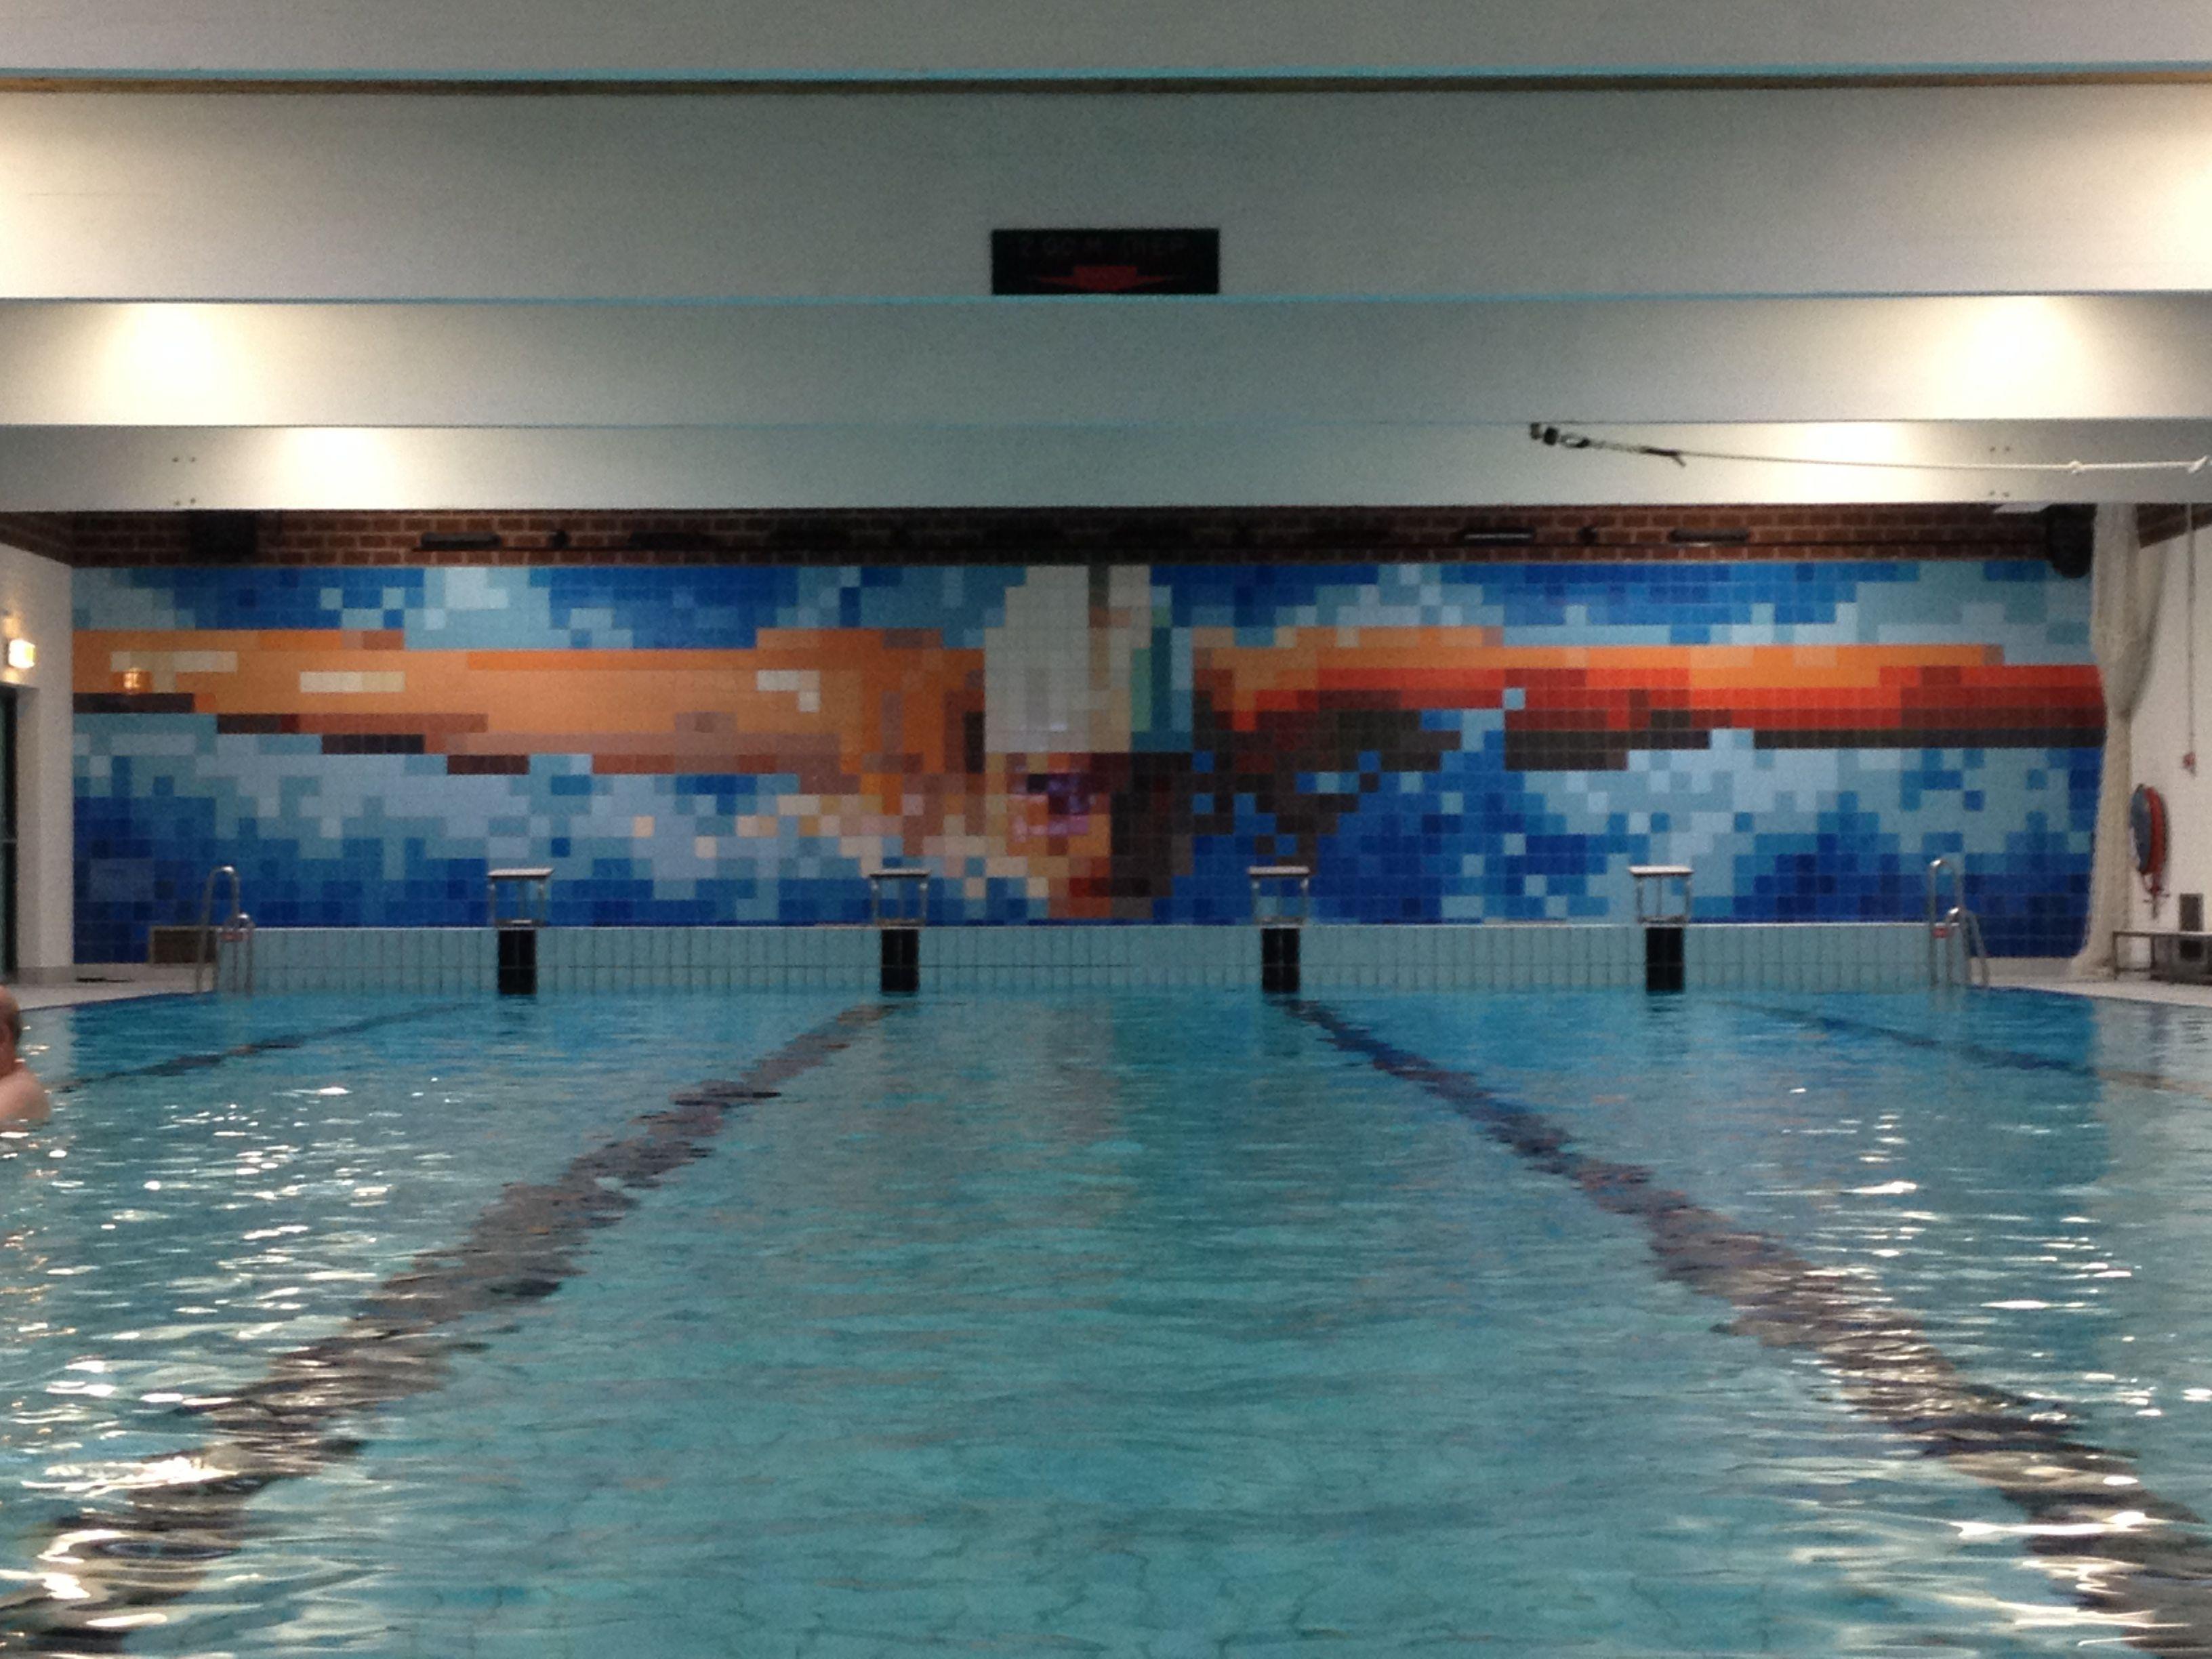 Terra Maestricht Tegels : Mosa tegels in zwembad meekenesch in lichtenvoorde mosa tiles tiles